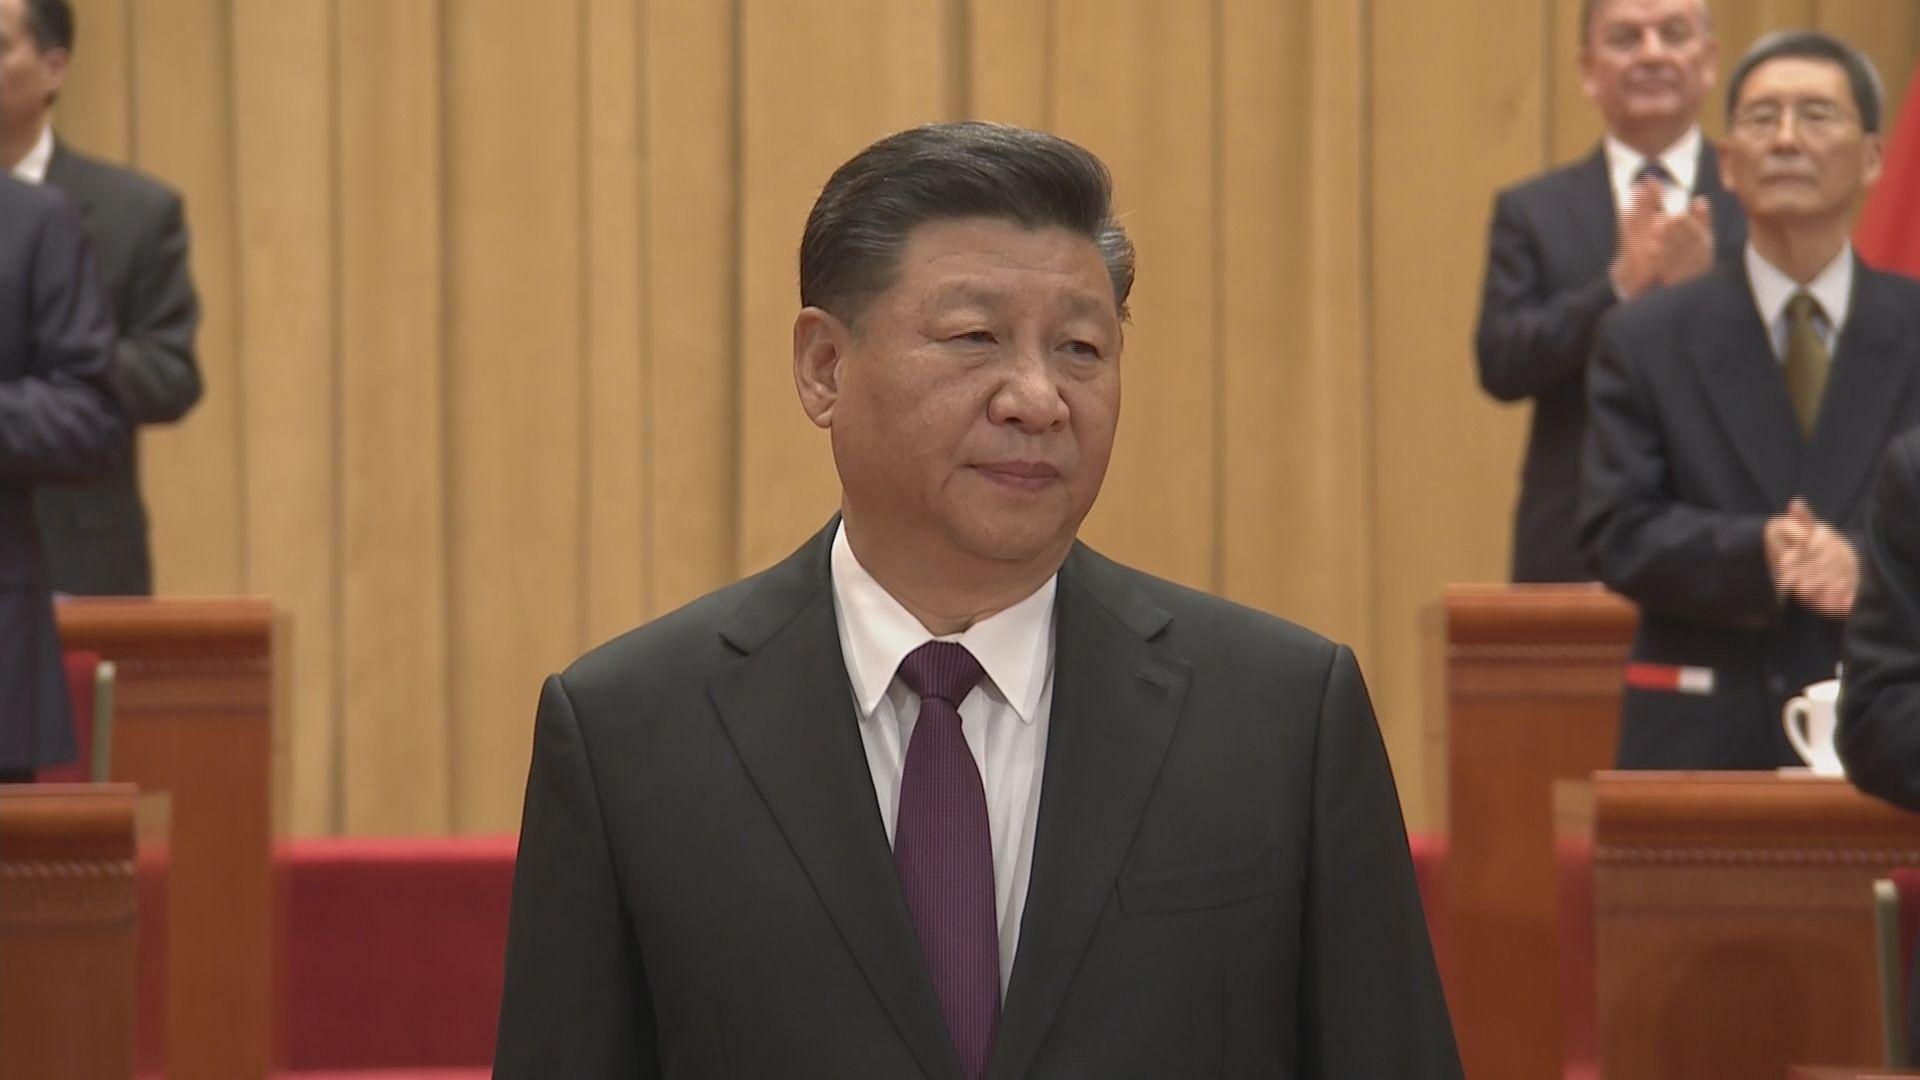 【改革開改40年慶祝會】習近平未提刺激經濟措施